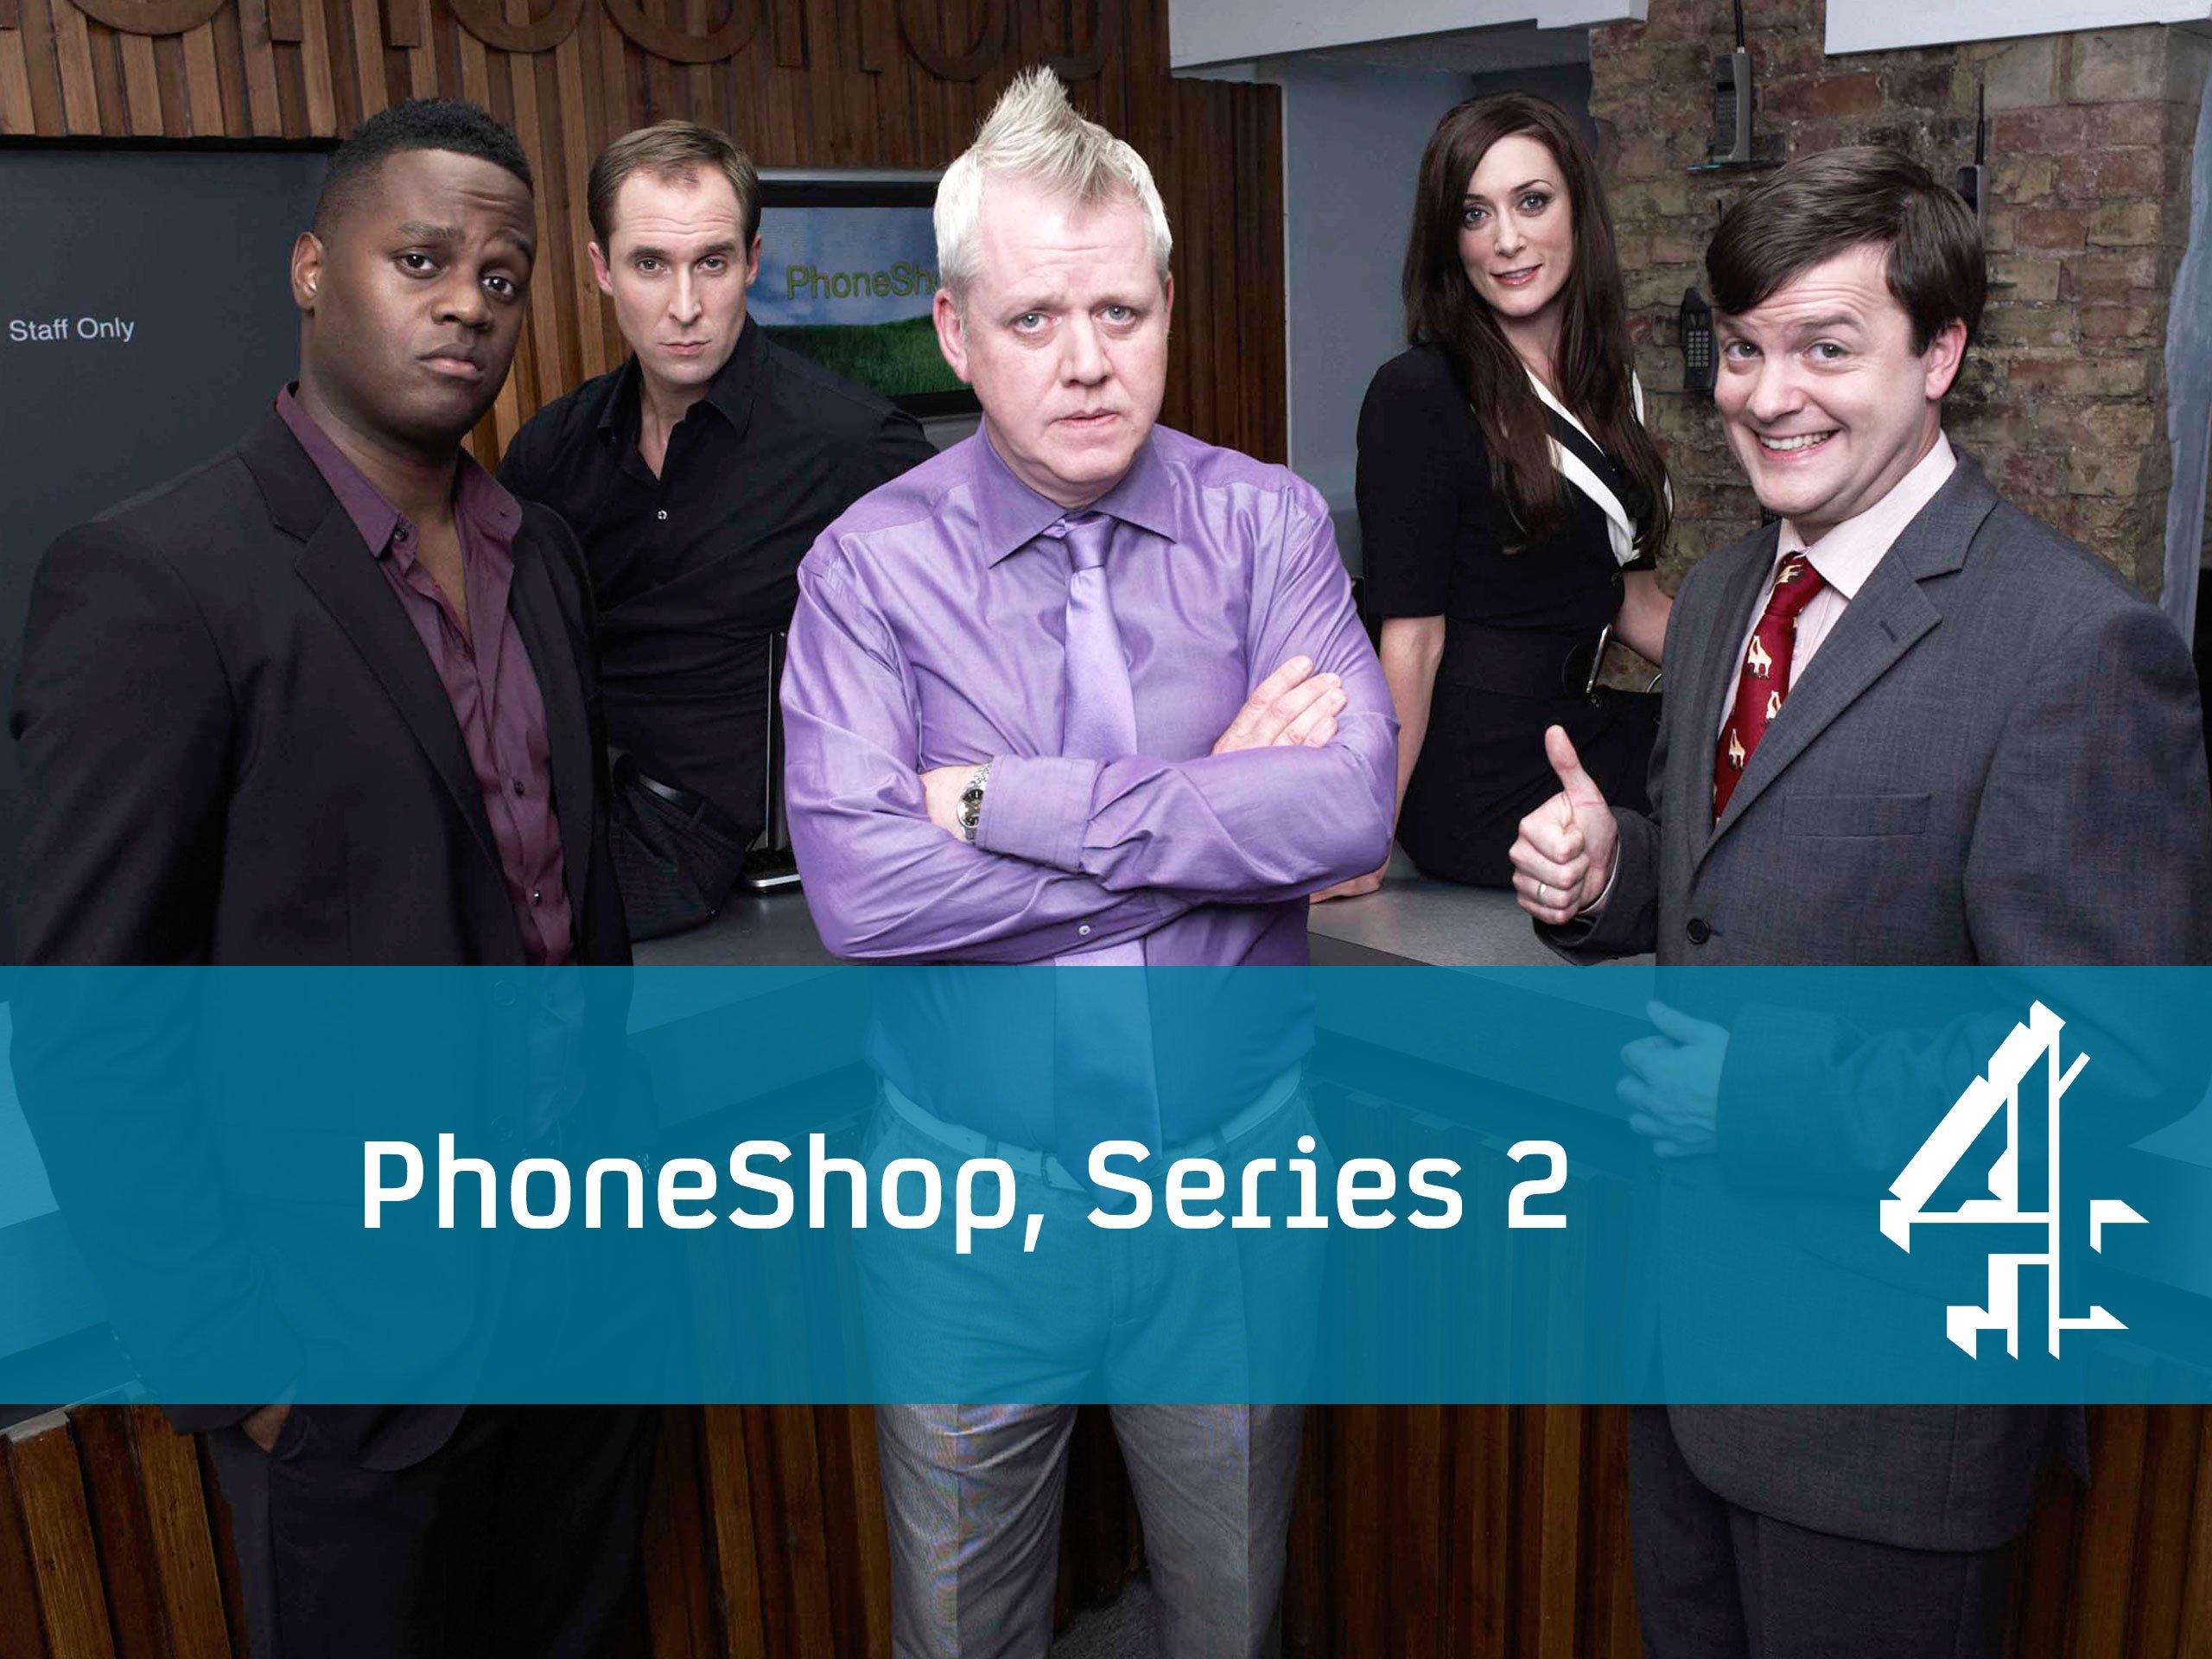 phoneshop season 3 episode 6 watch online